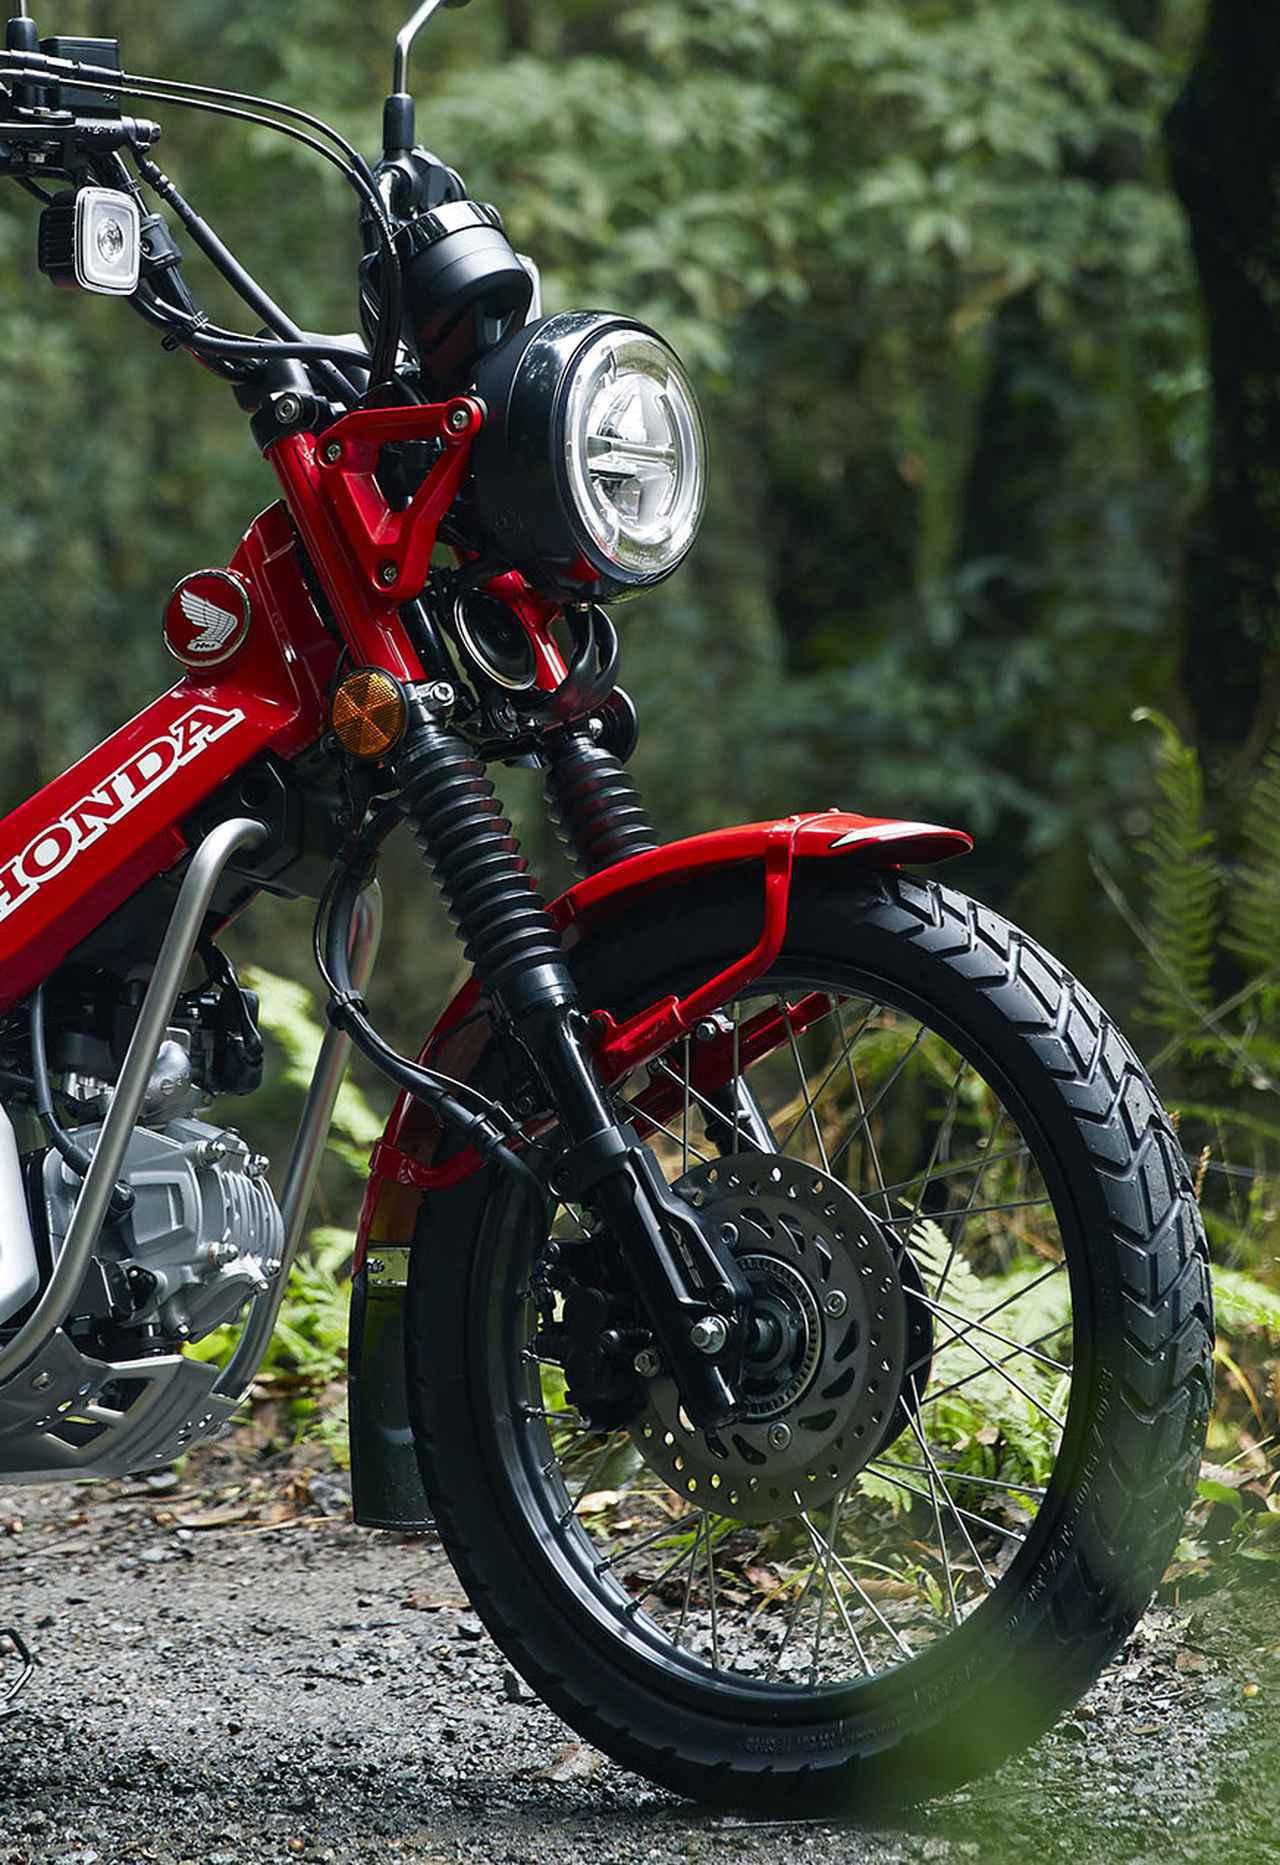 画像1: 発売日&価格が決定! ホンダ「CT125・ハンターカブ」最新情報! 詳細なスペックも出た、これが市販予定車だ! - webオートバイ